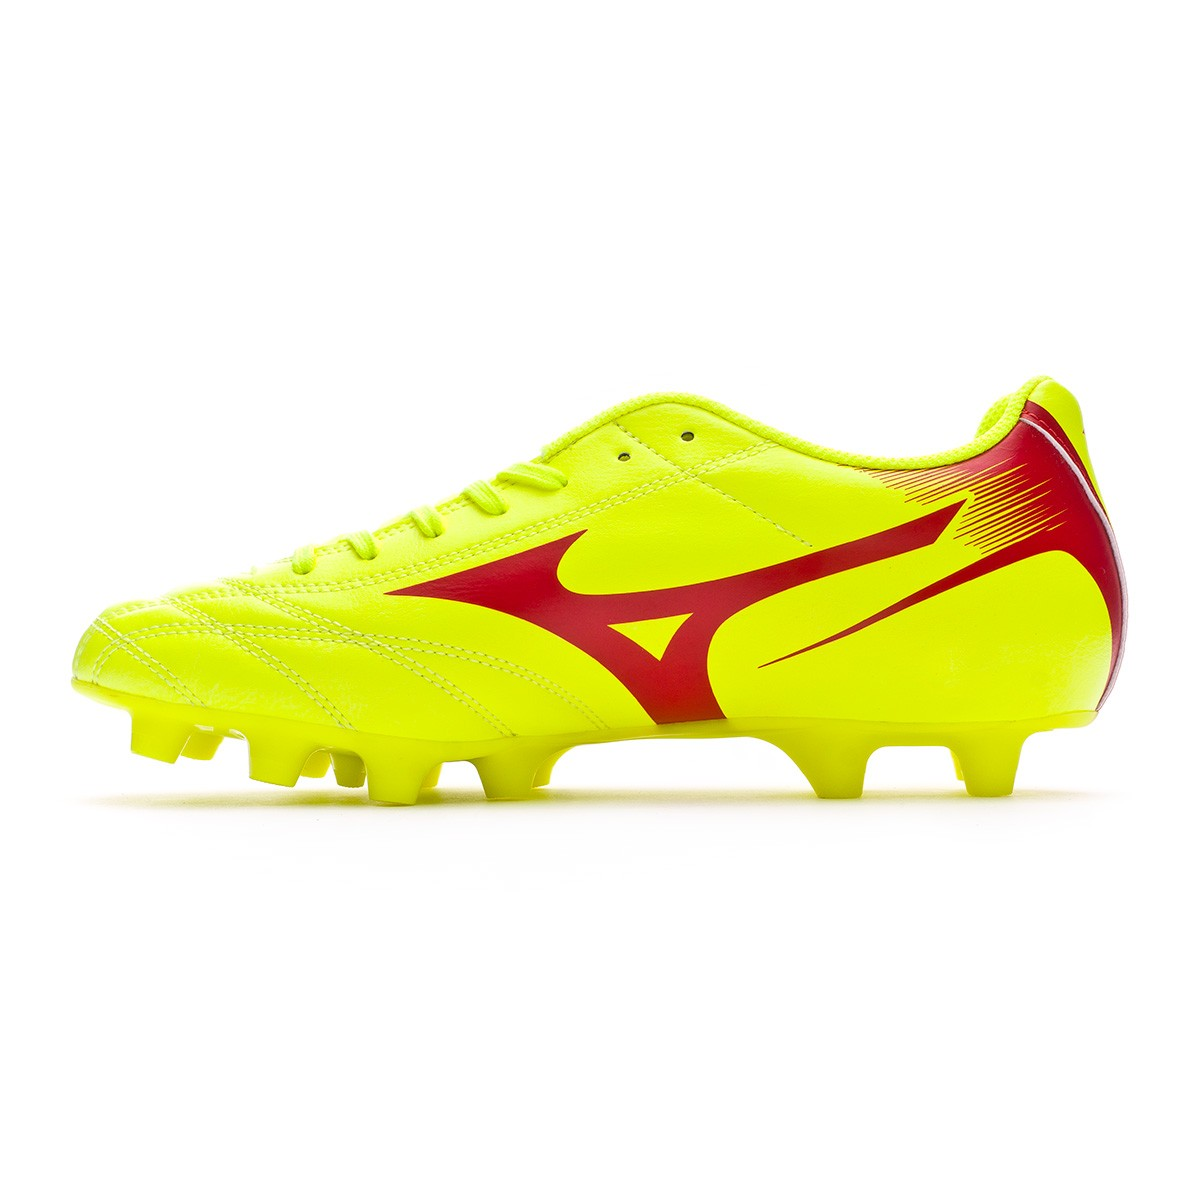 stile distintivo bene qualità superiore Bota Monarcida NEO MD Safety yellow-Mars red